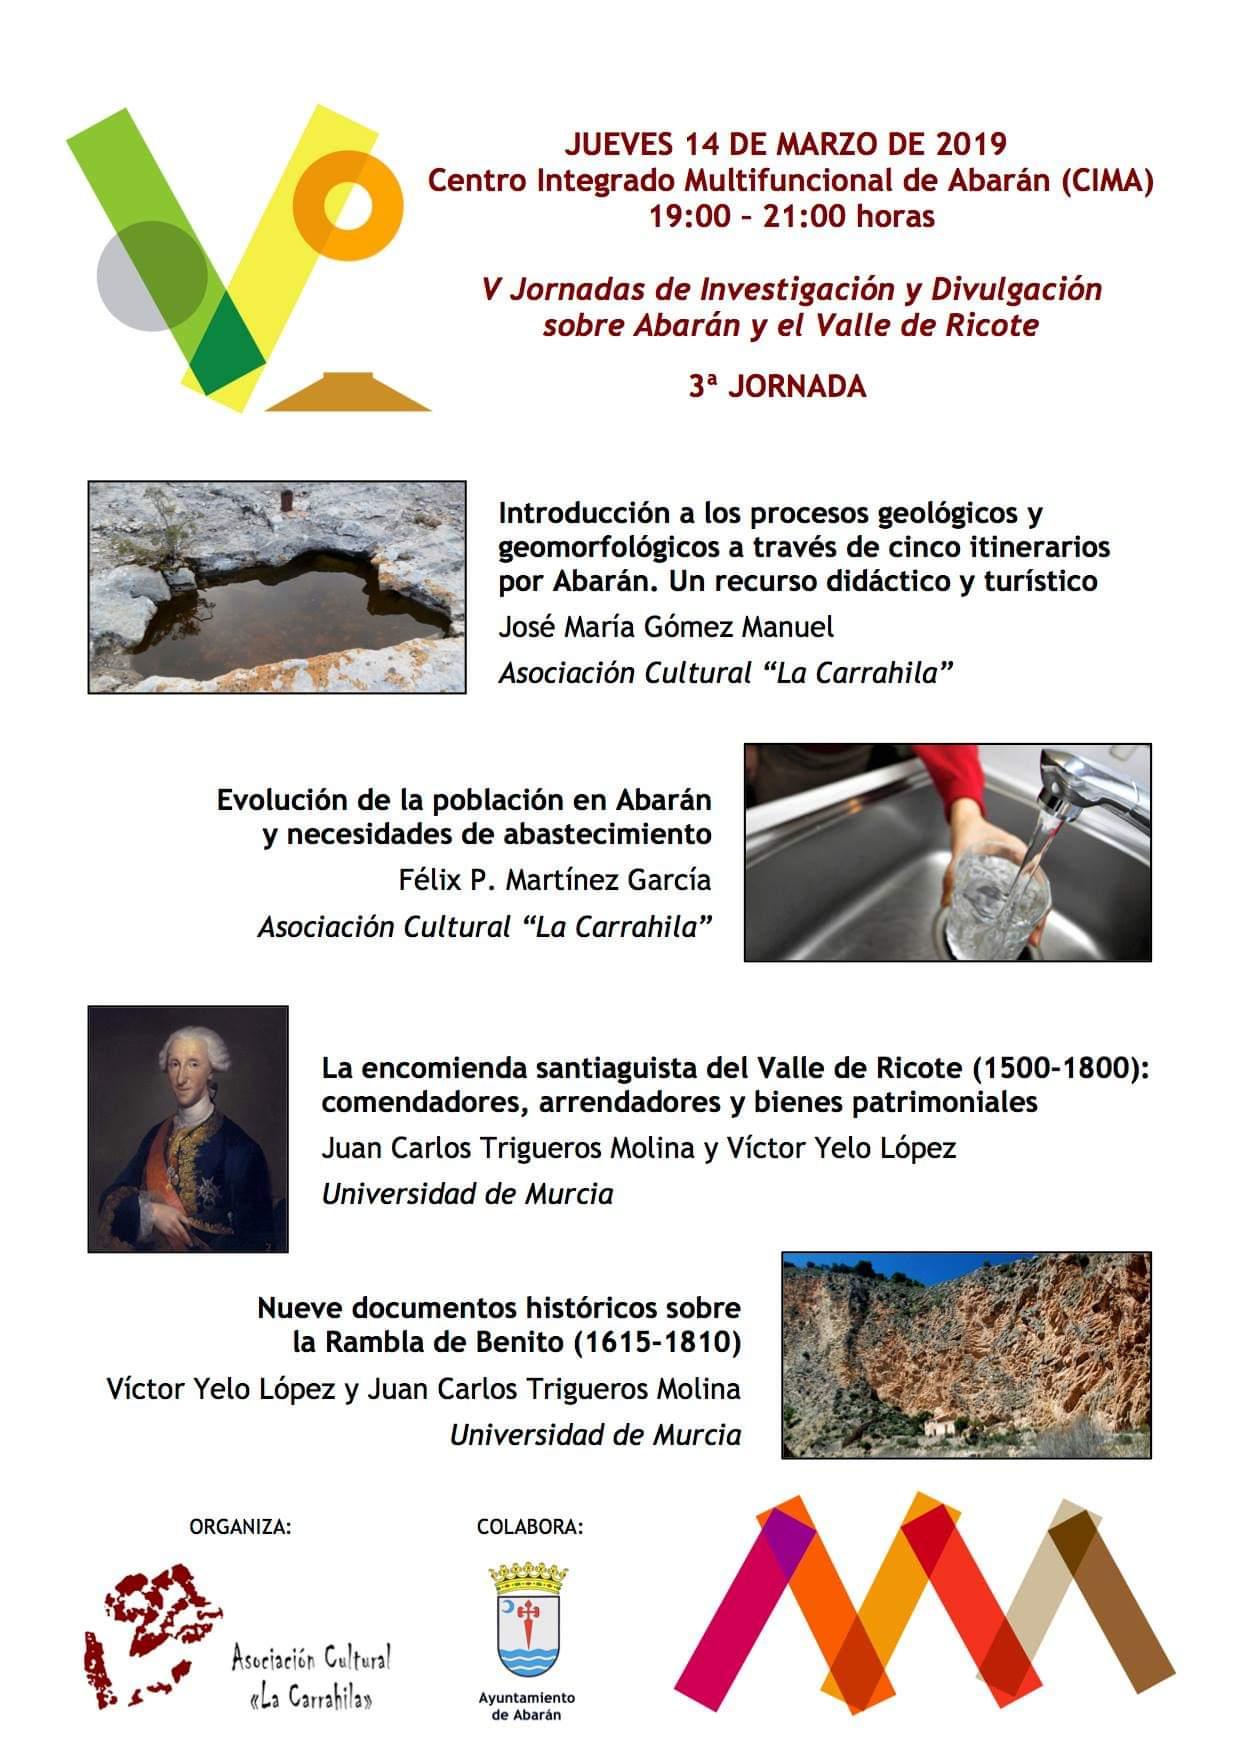 V Jornadas de Investigación y Divulgación sobre Abarán y el Valle de Ricote - 3ª sesión